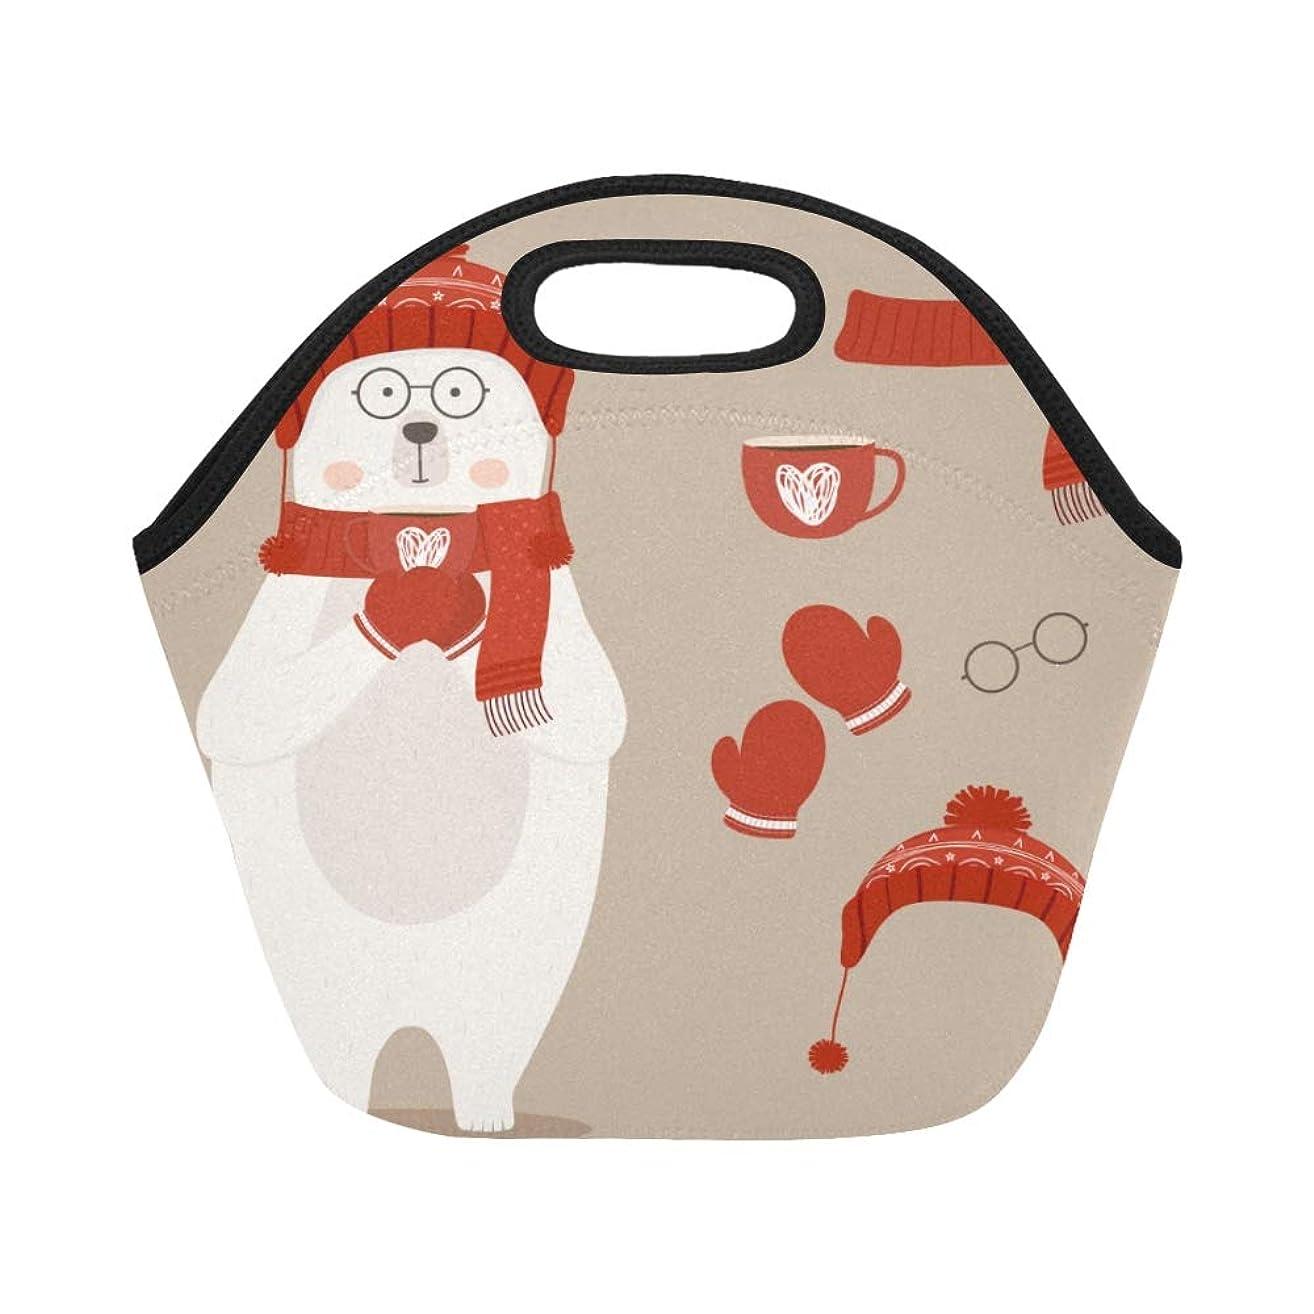 サーマル不健全ミルクDMHYJ ランチバッグ かわいいクマや帽子 弁当袋 お弁当入れ 保温保冷 トート 弁当バッグ 大容量 トートバッグ